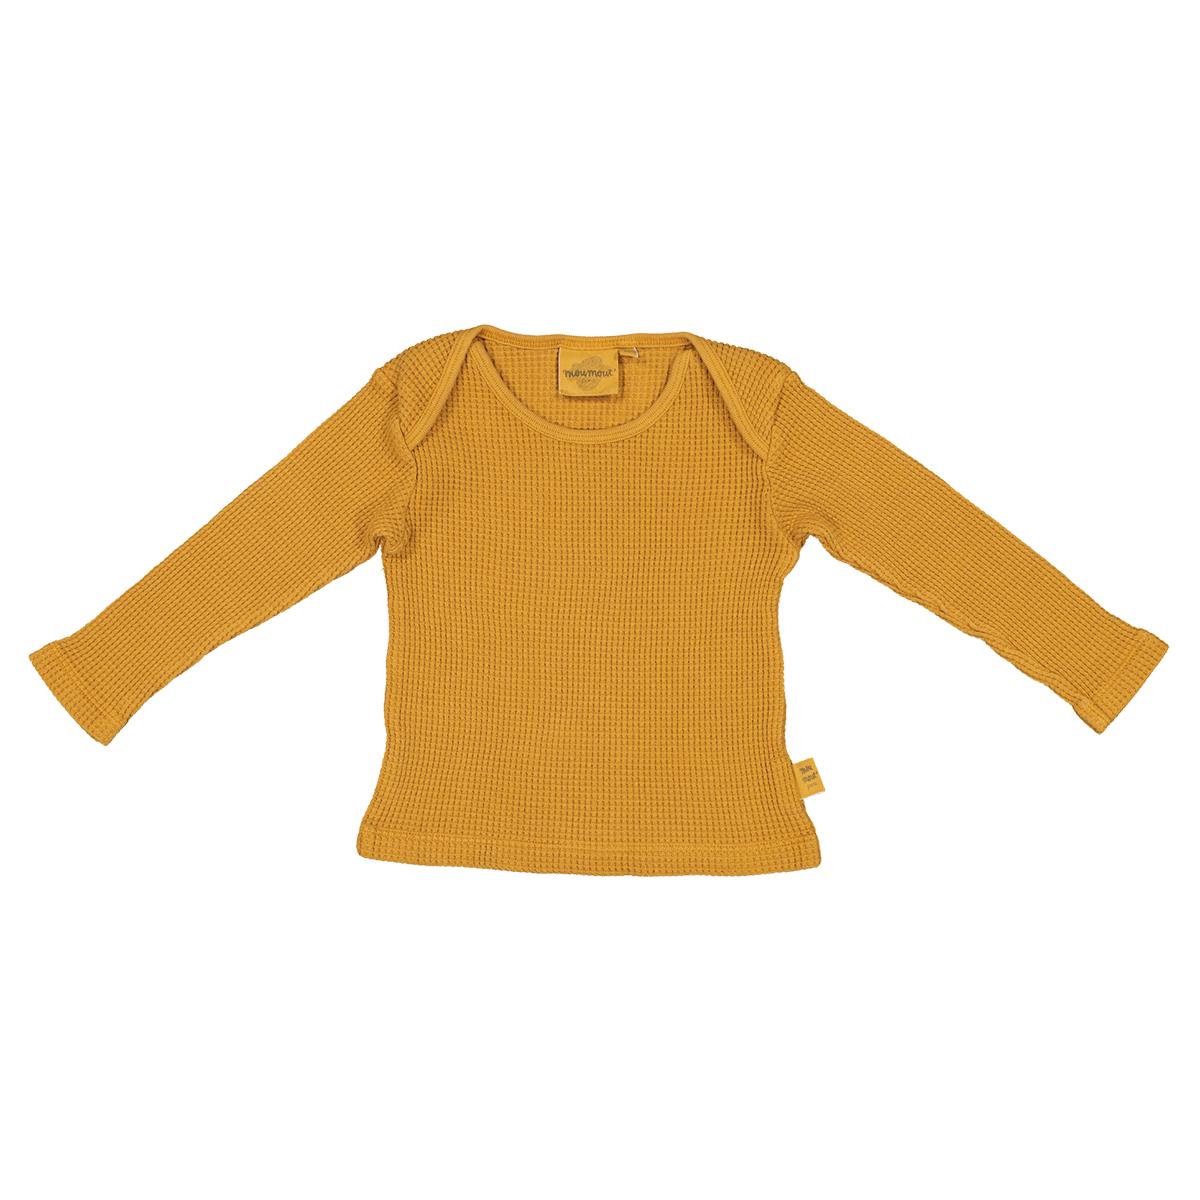 Haut bébé Tee-shirt Mü Bee Mustard - 3 Mois